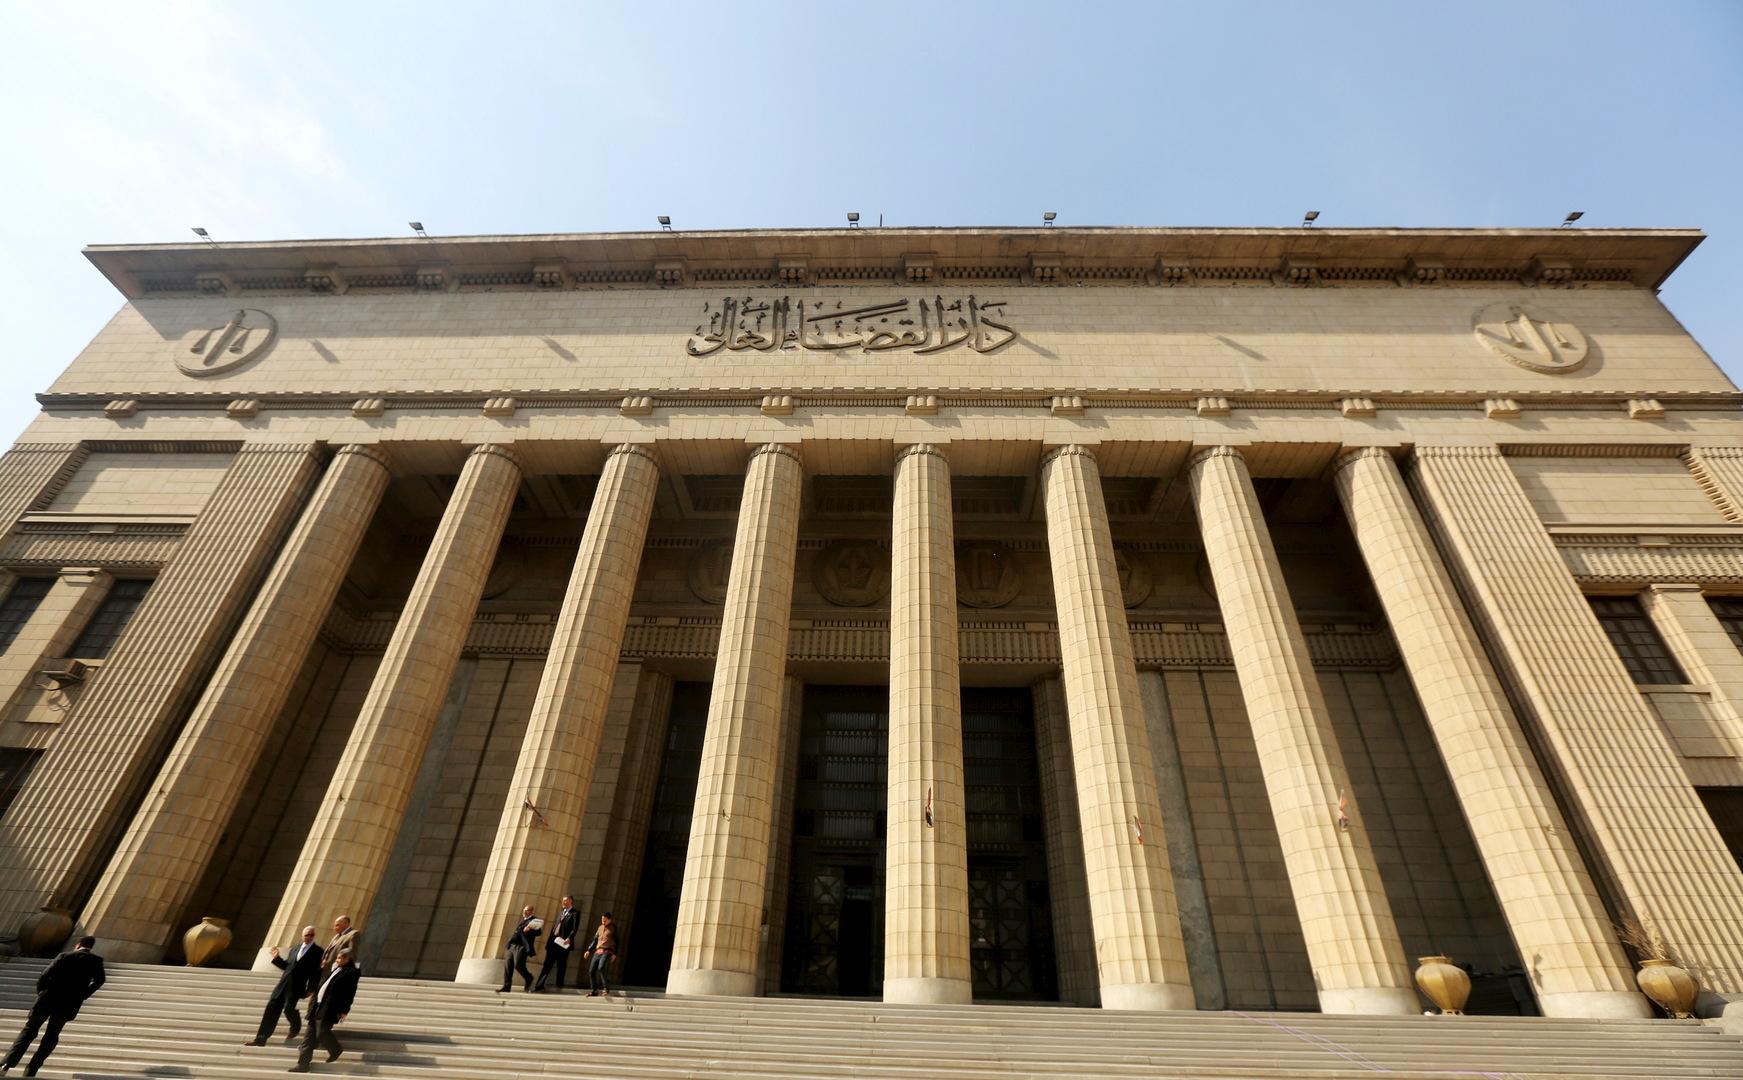 مصر.. ترحيل رجل الأعمال حسن راتب إلى سجن طرة بعد توقيفه في قضية تجارة الآثار